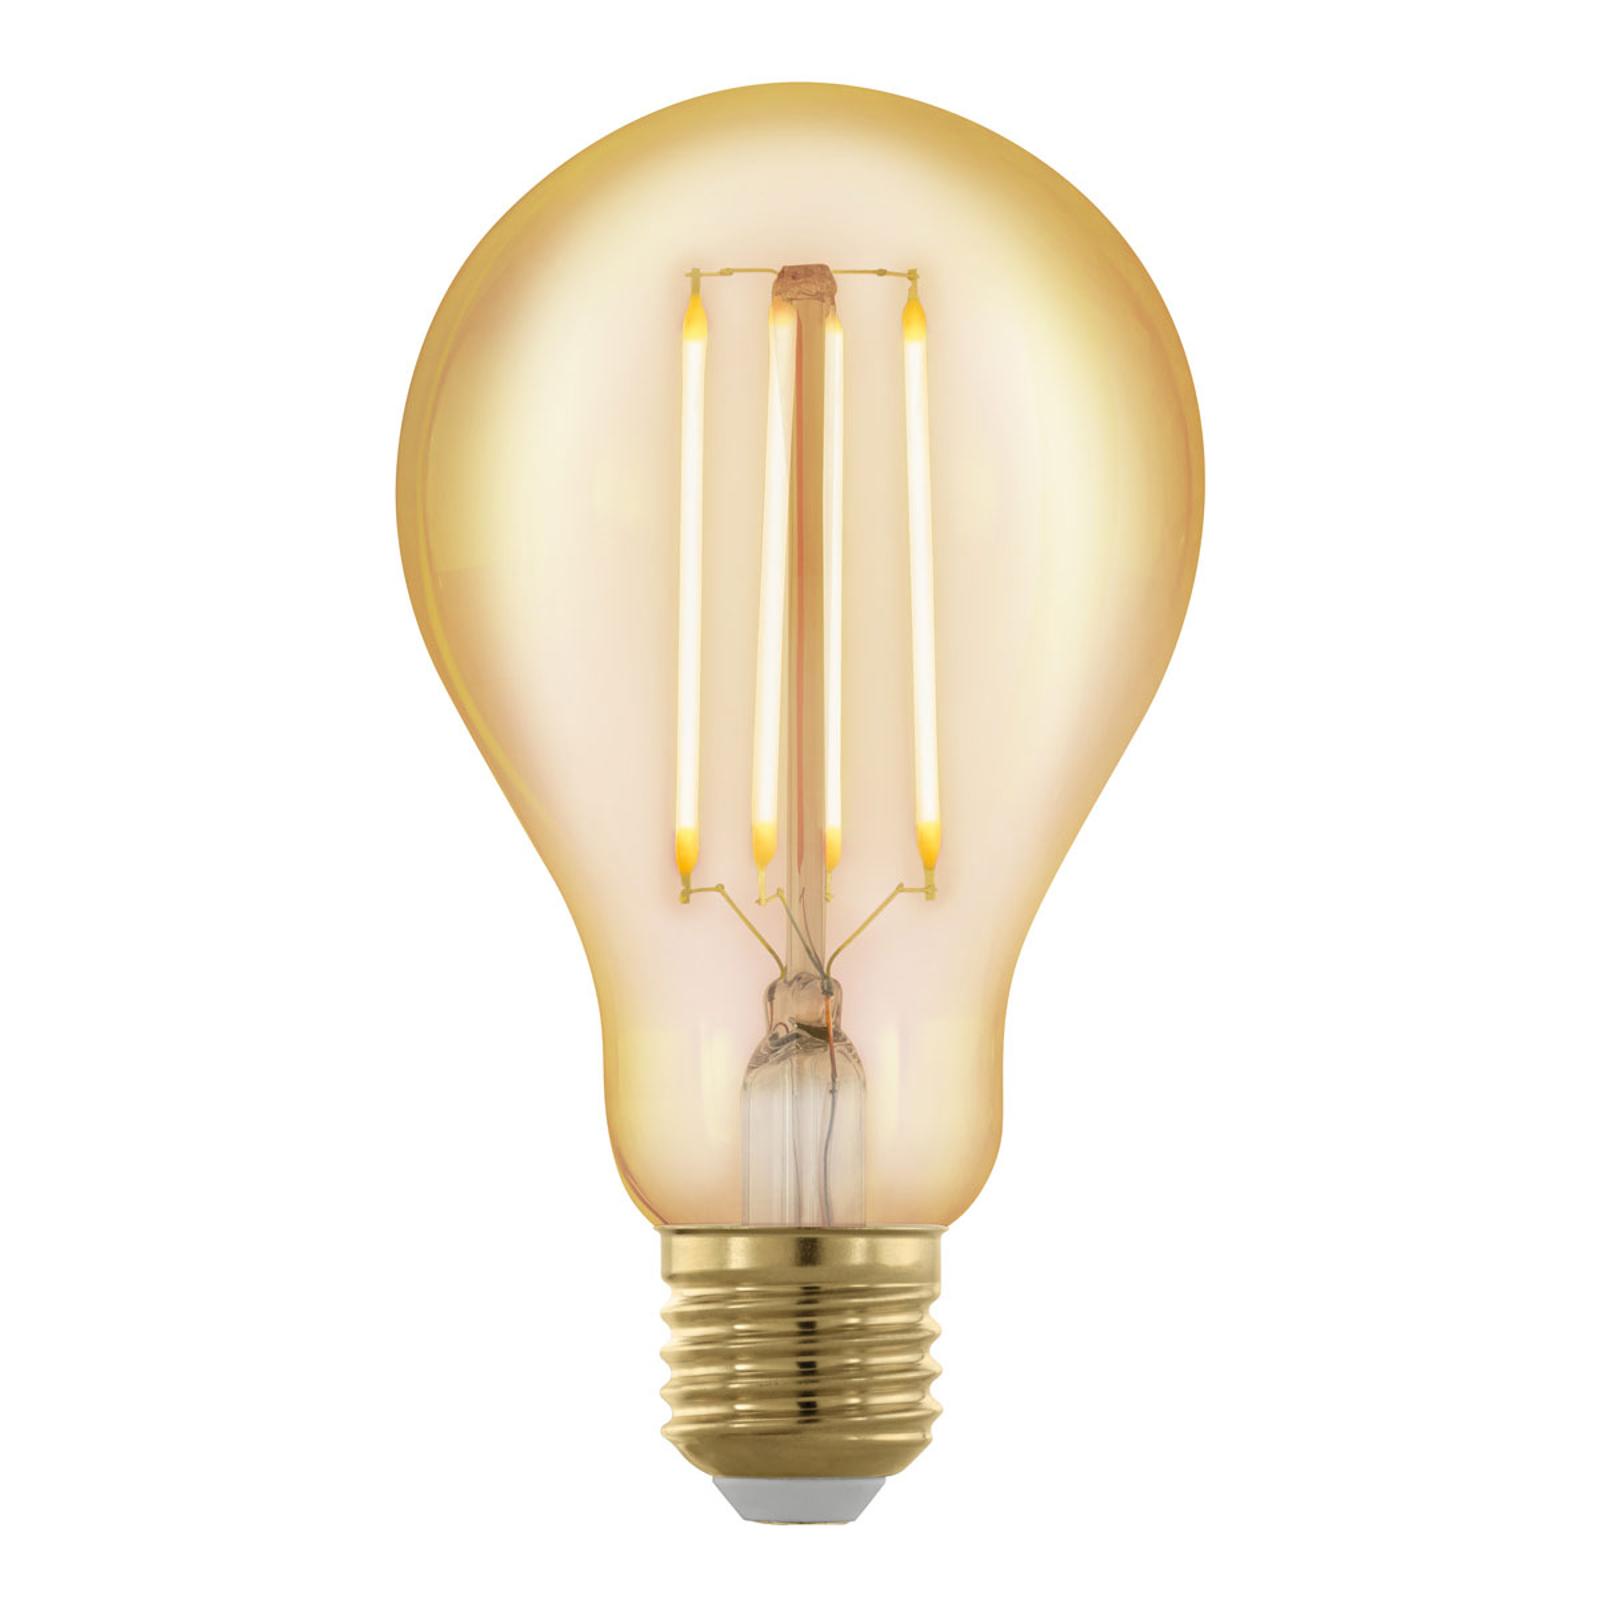 Ampoule LED E27 A75 4W filament 1700K doré